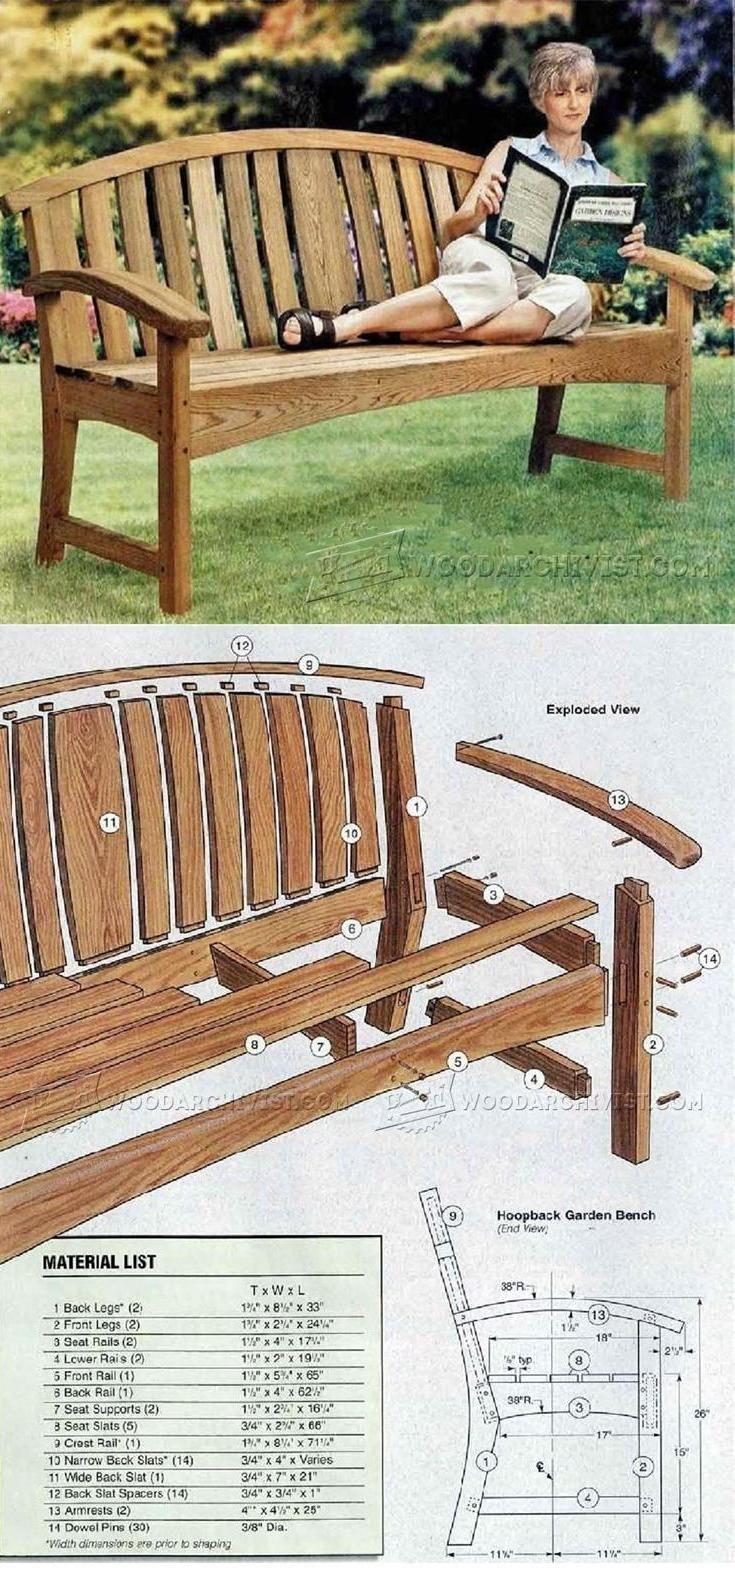 Garden Bench Diy Outdoor Furniture Plans And Projects Woodarchivist Com Cadeiras De Jardim Sofa De Madeira E Moveis De Madeira